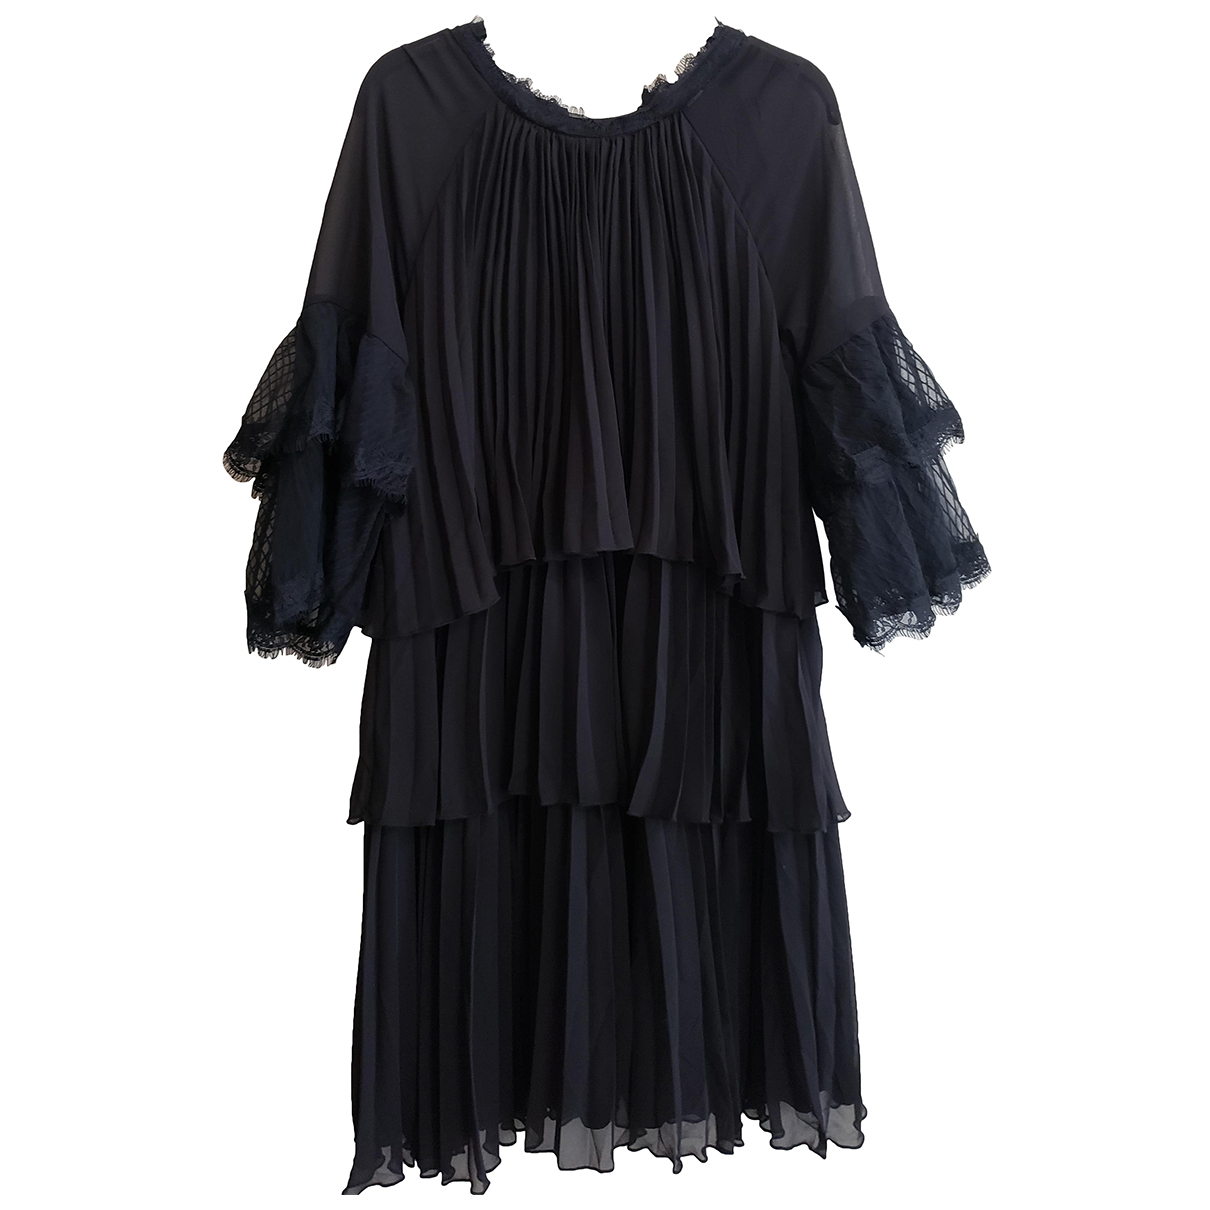 Brigitte Bardot \N Black dress for Women 1 0-5